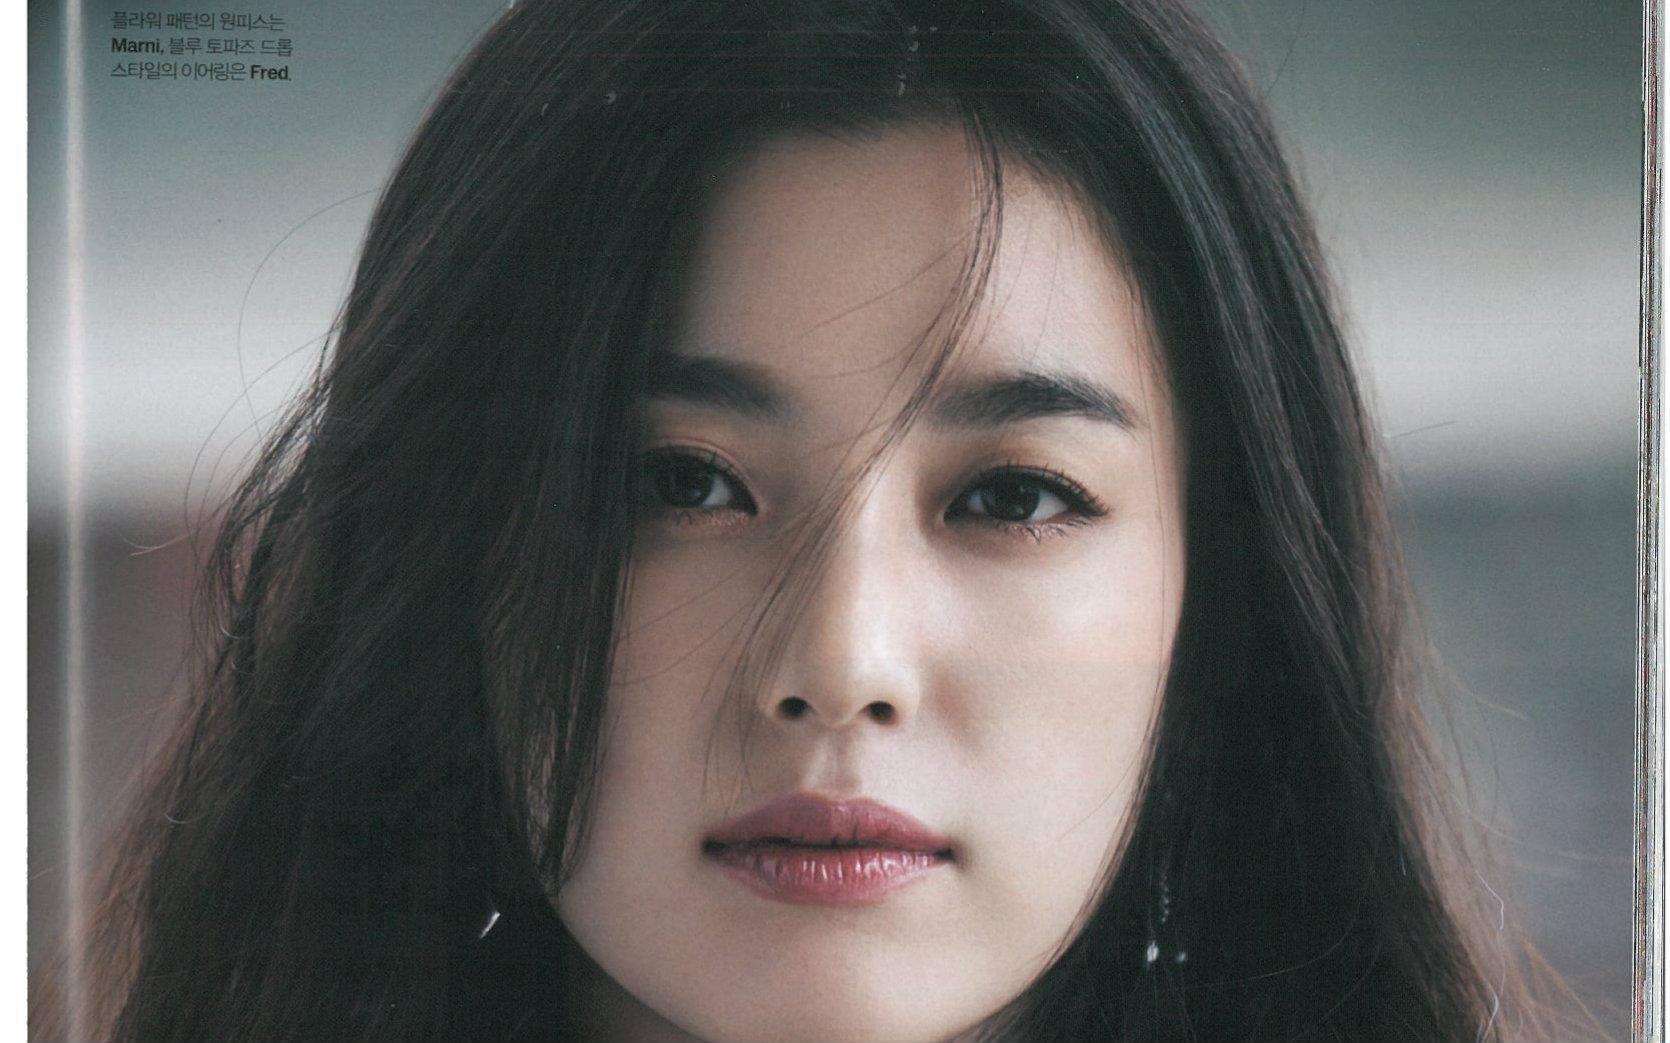 【韩孝珠 韩孝周】电影宣传访谈.《sbs深夜图片